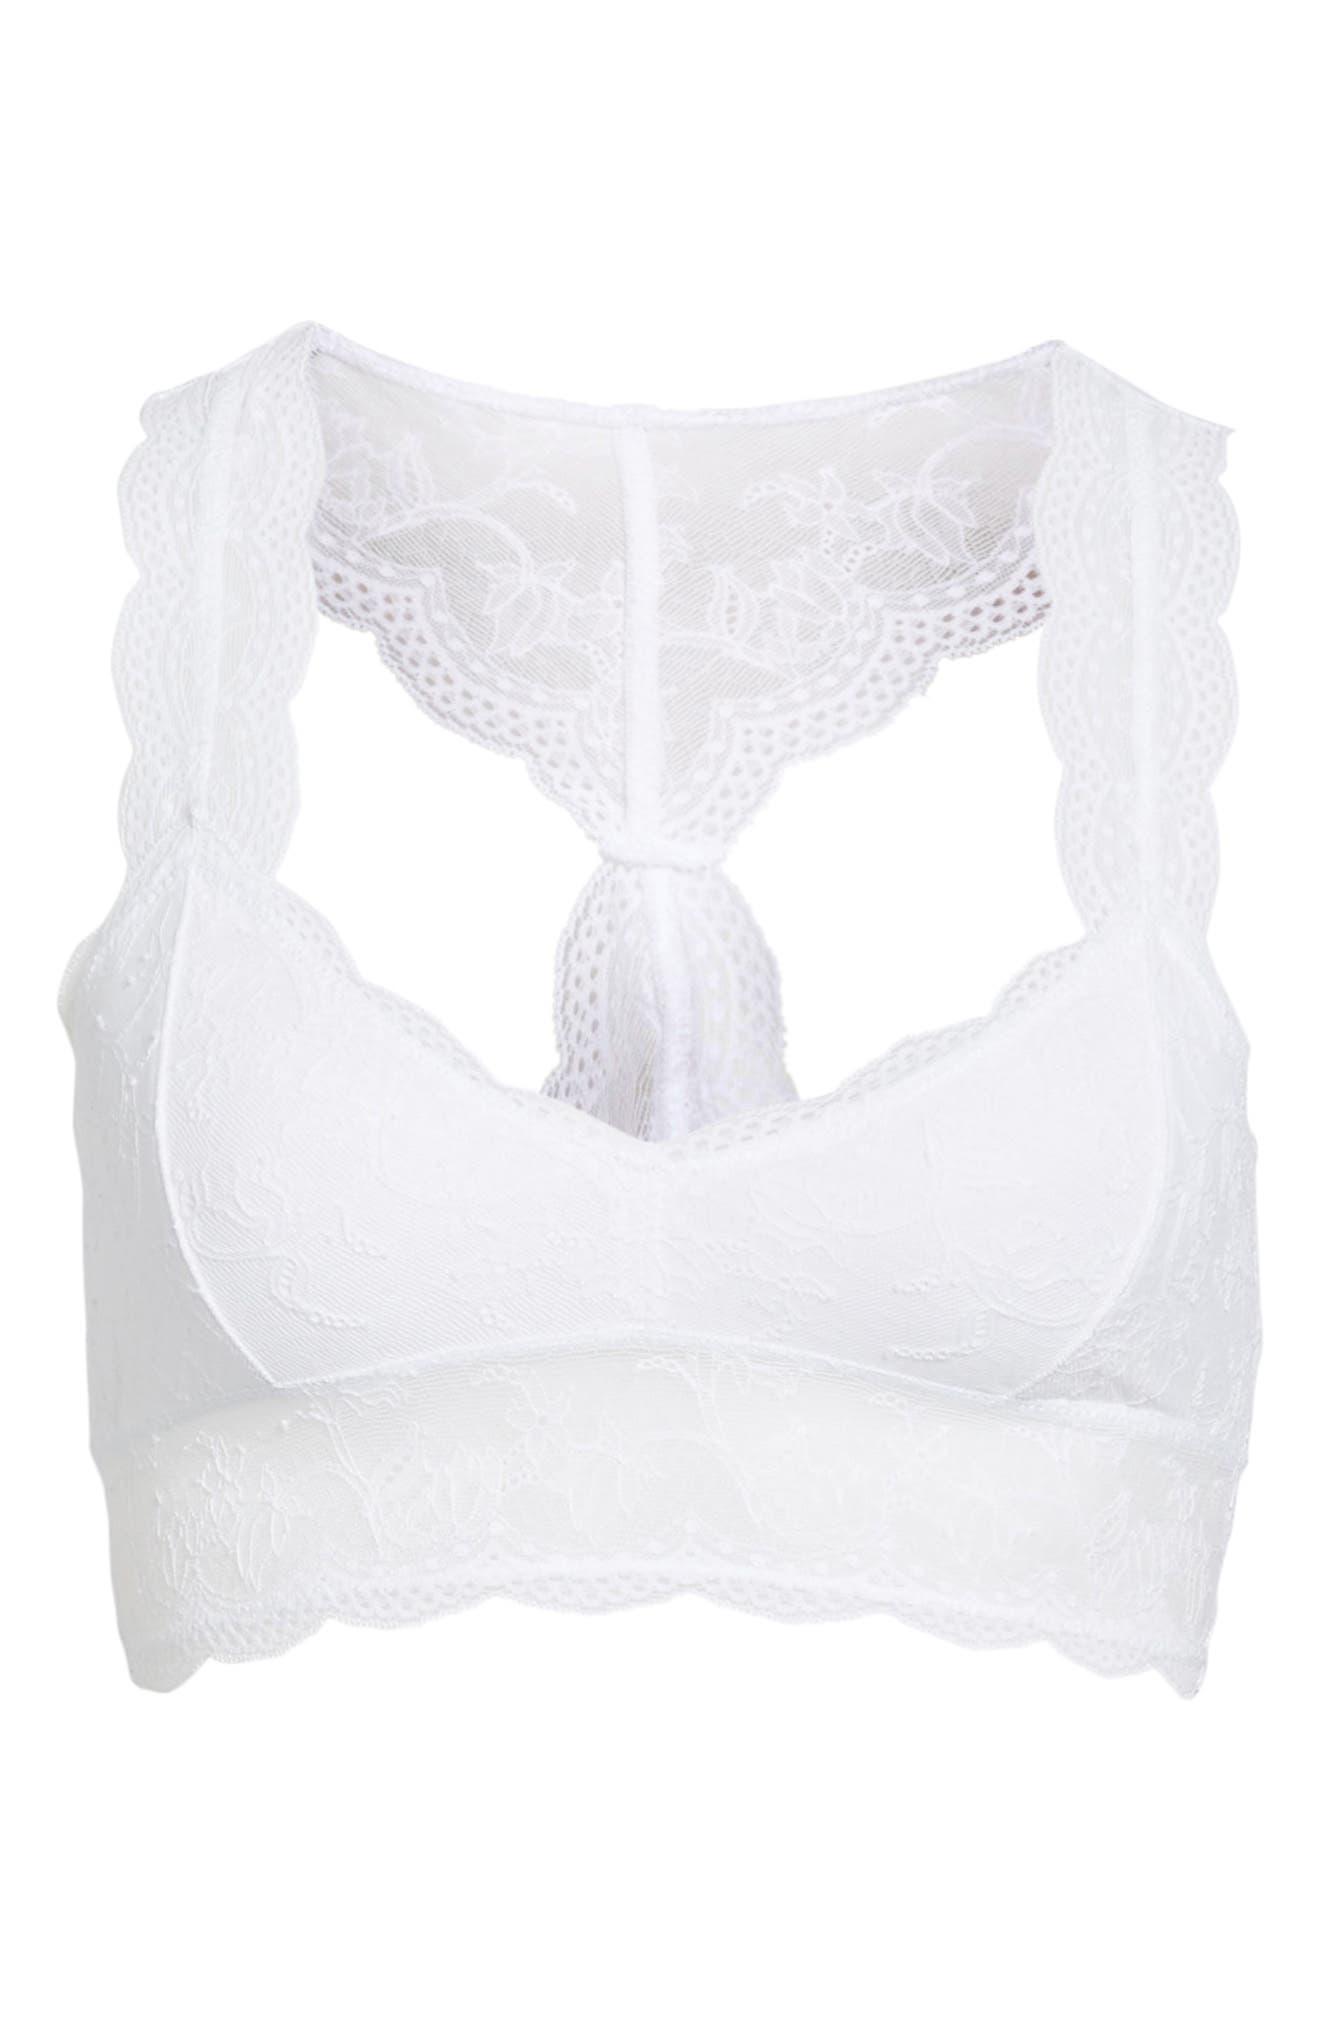 Lace Halter Bralette,                         Main,                         color, 100